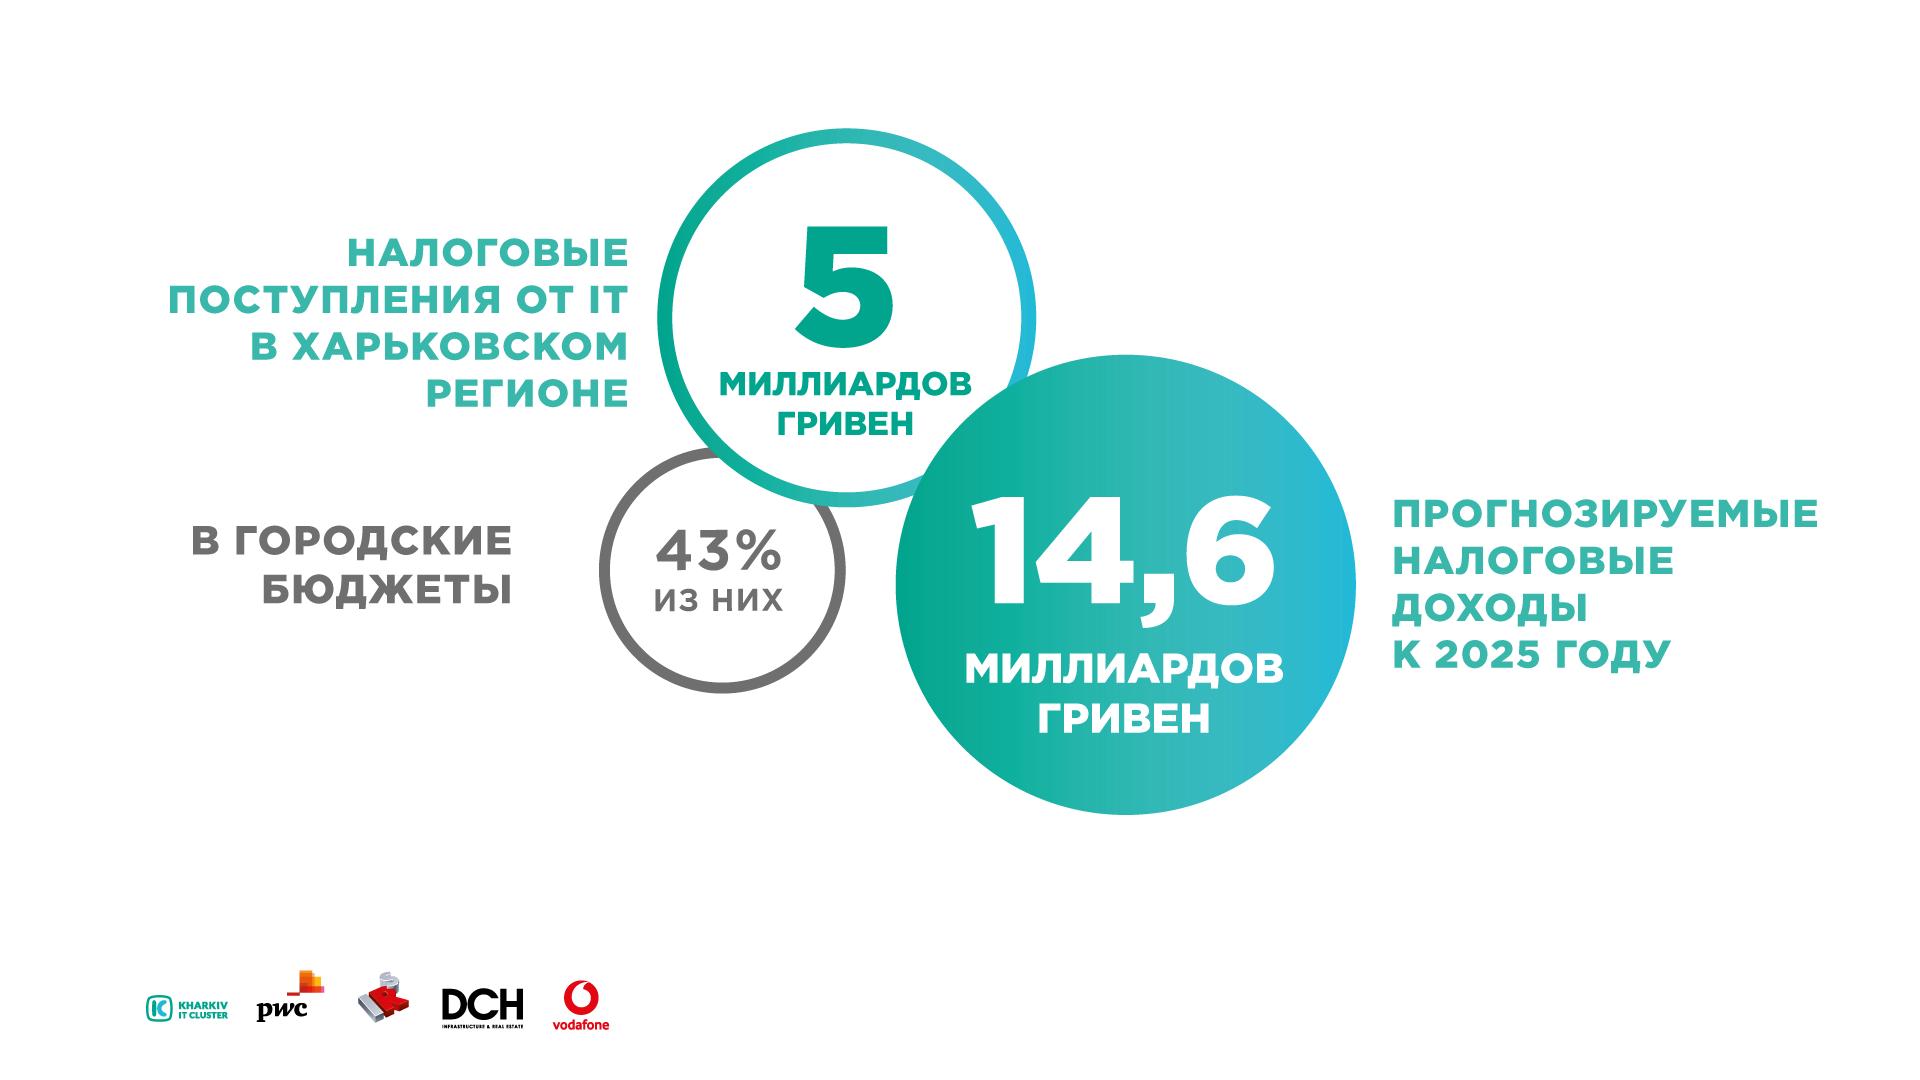 Infographics_research4 Kharkiv IT-research: 25 000 IT-специалистов, более 450 успешно работающих компаний и 5 млрд. гривен налогов в бюджет Украины